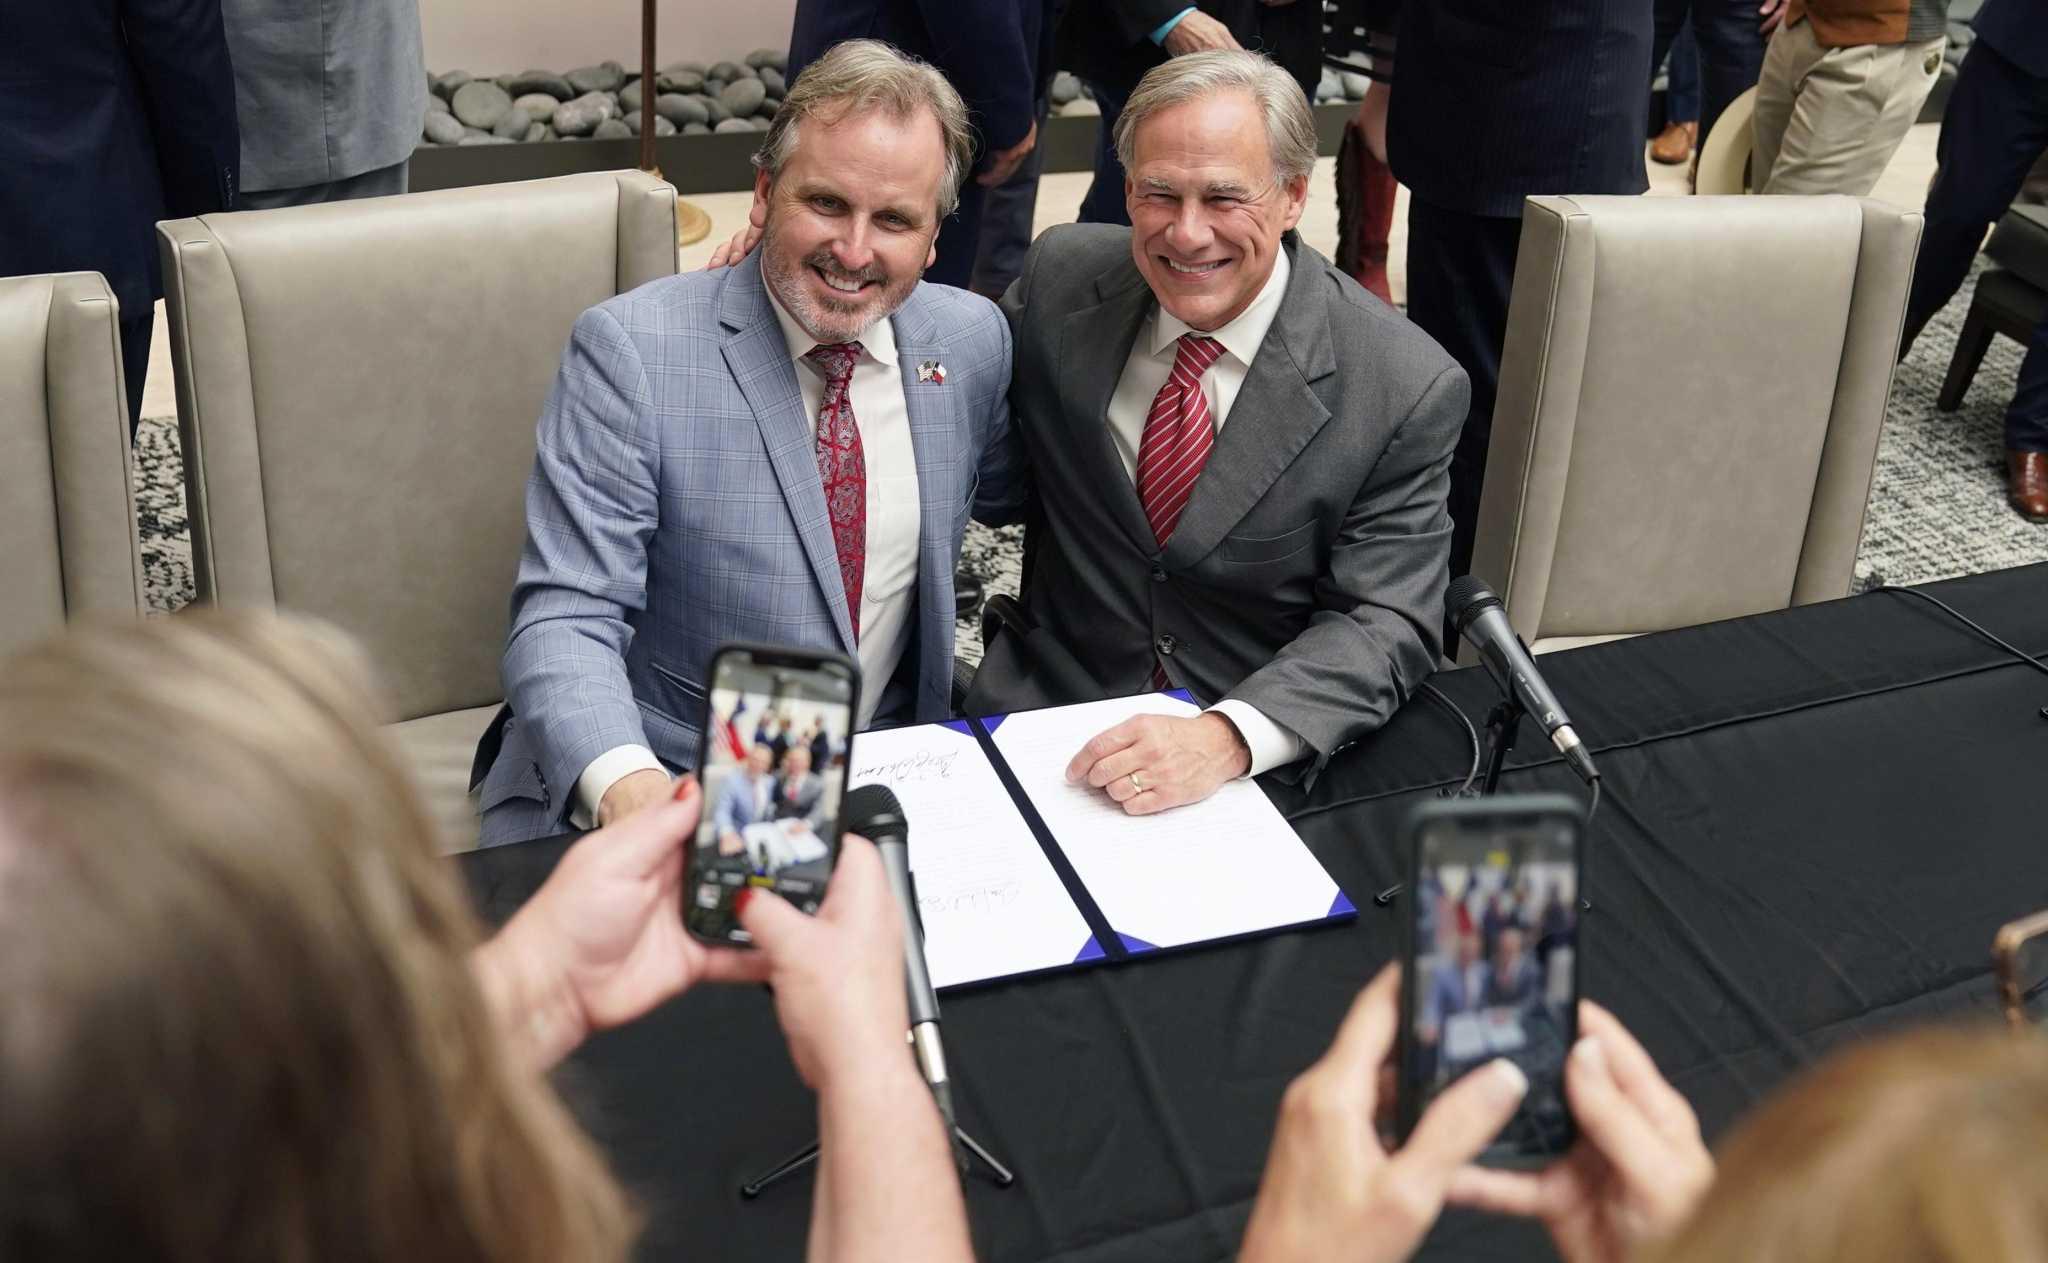 Big Tech sues Texas over new law regulating social media